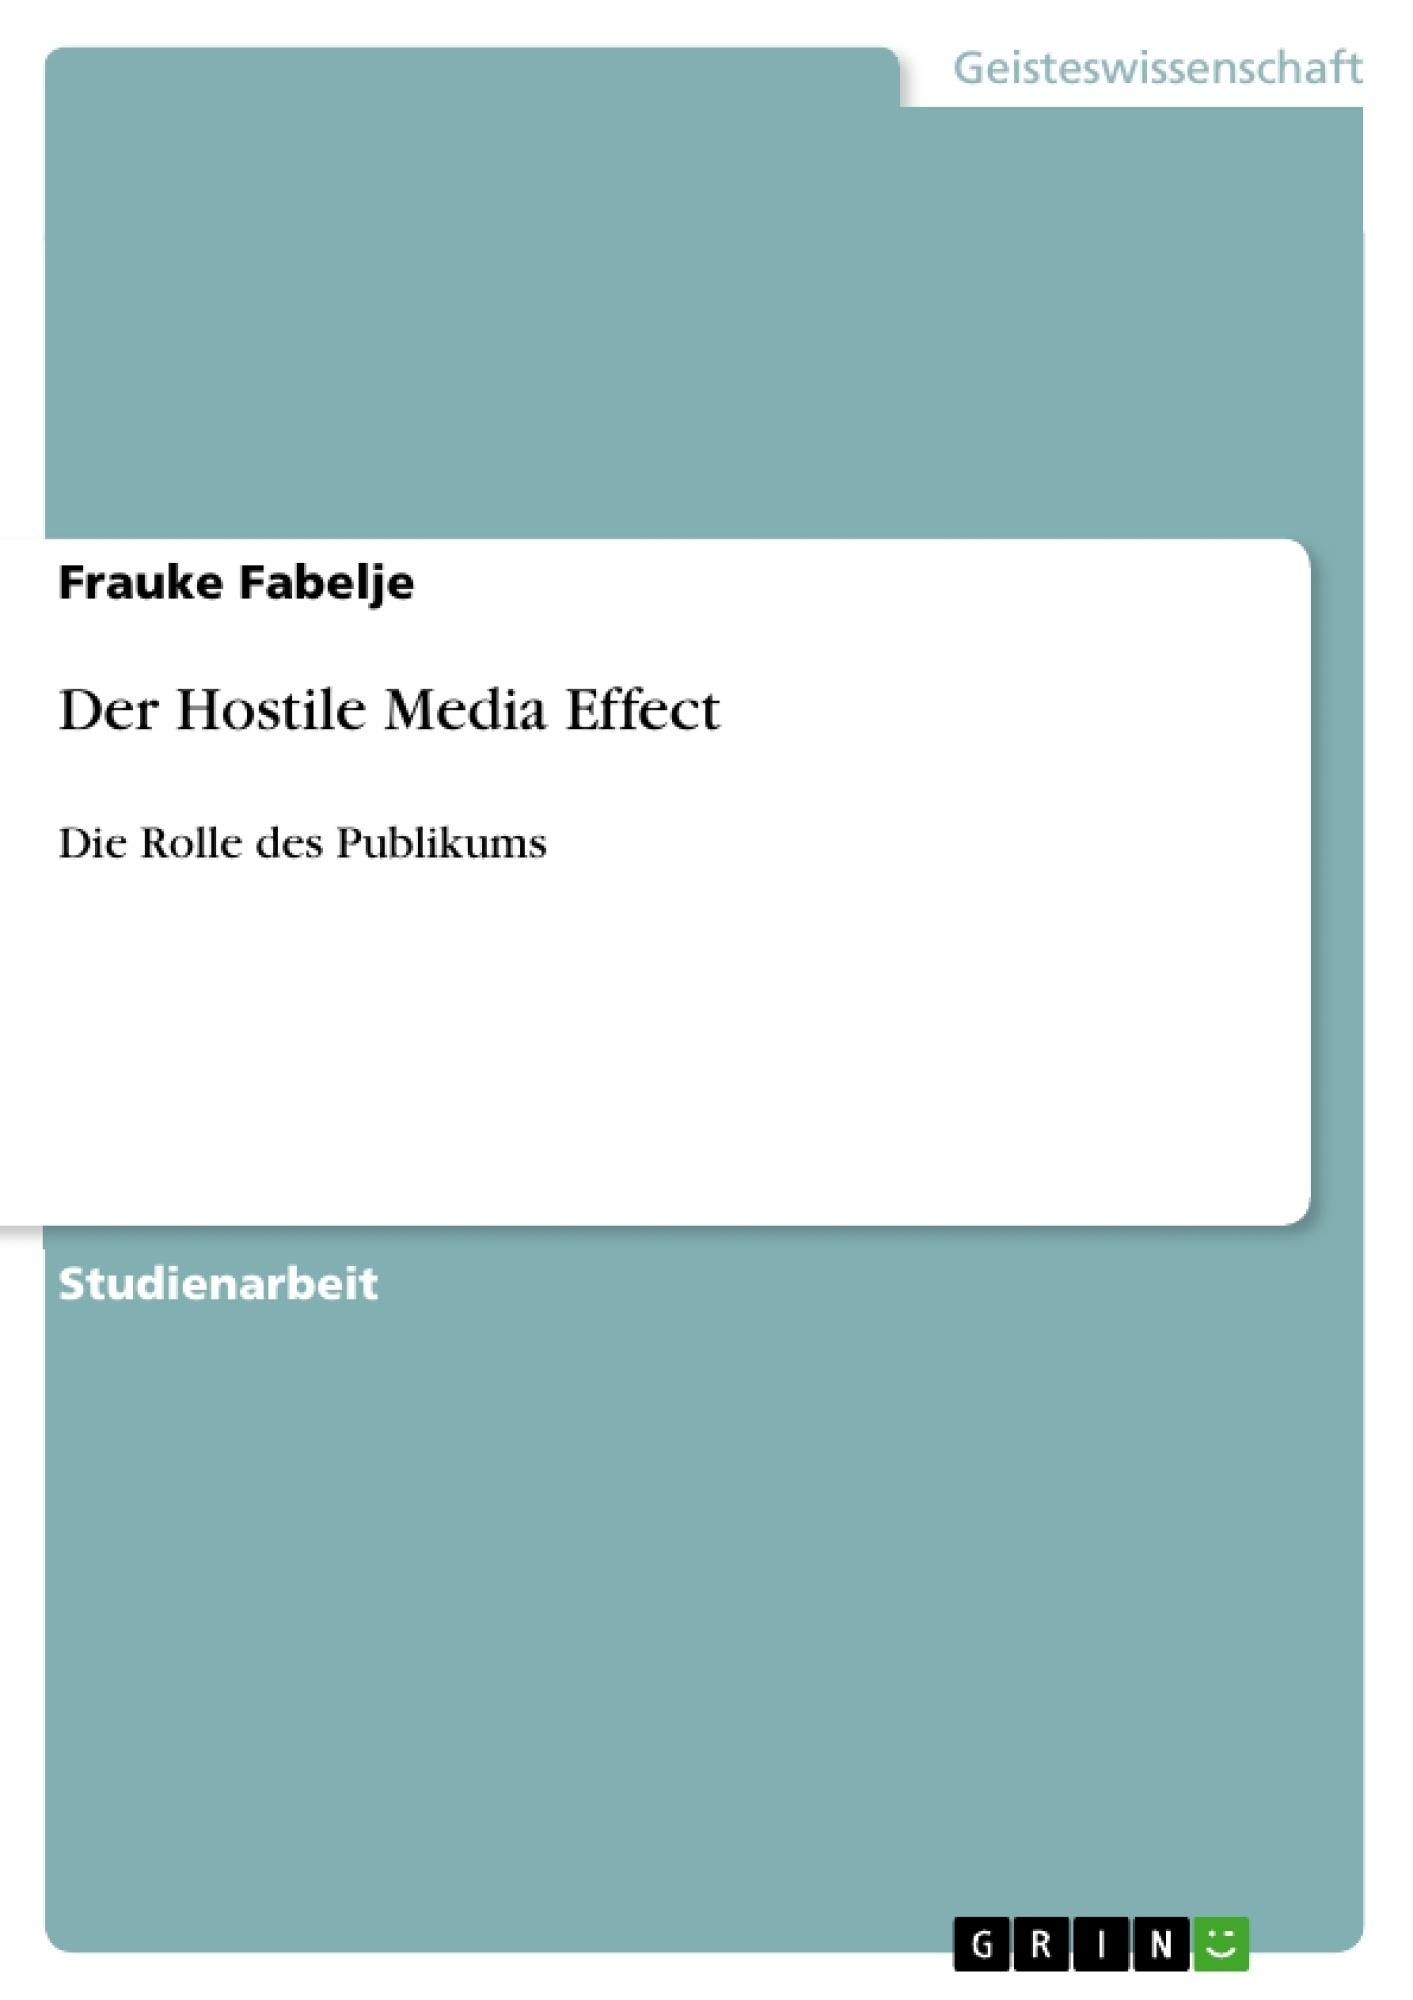 Titel: Der Hostile Media Effect